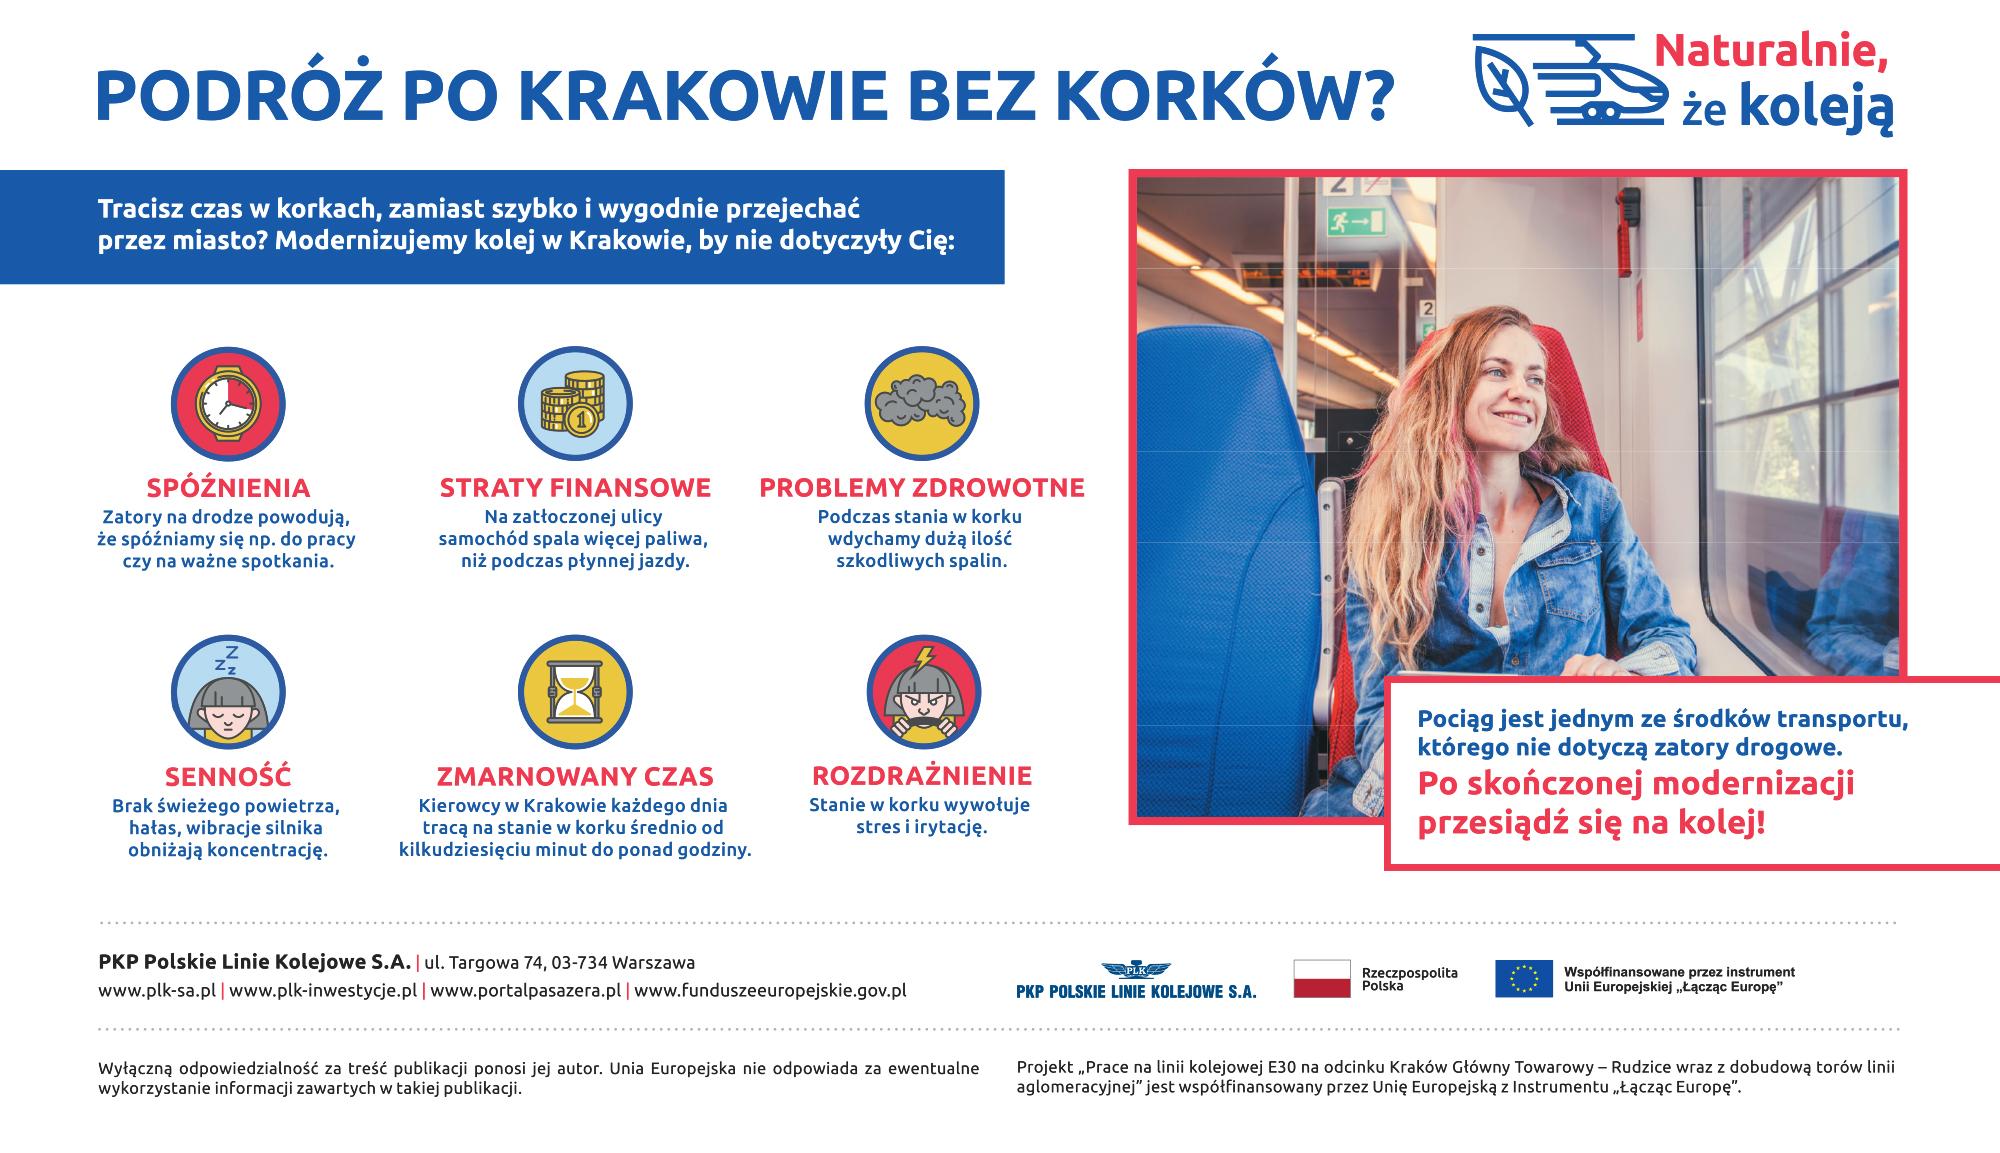 Reklama opublikowana w Nasze Miasto Kraków obrazująca negatywne skutki podróży samochodowej po zakorkowanym Krakowie.